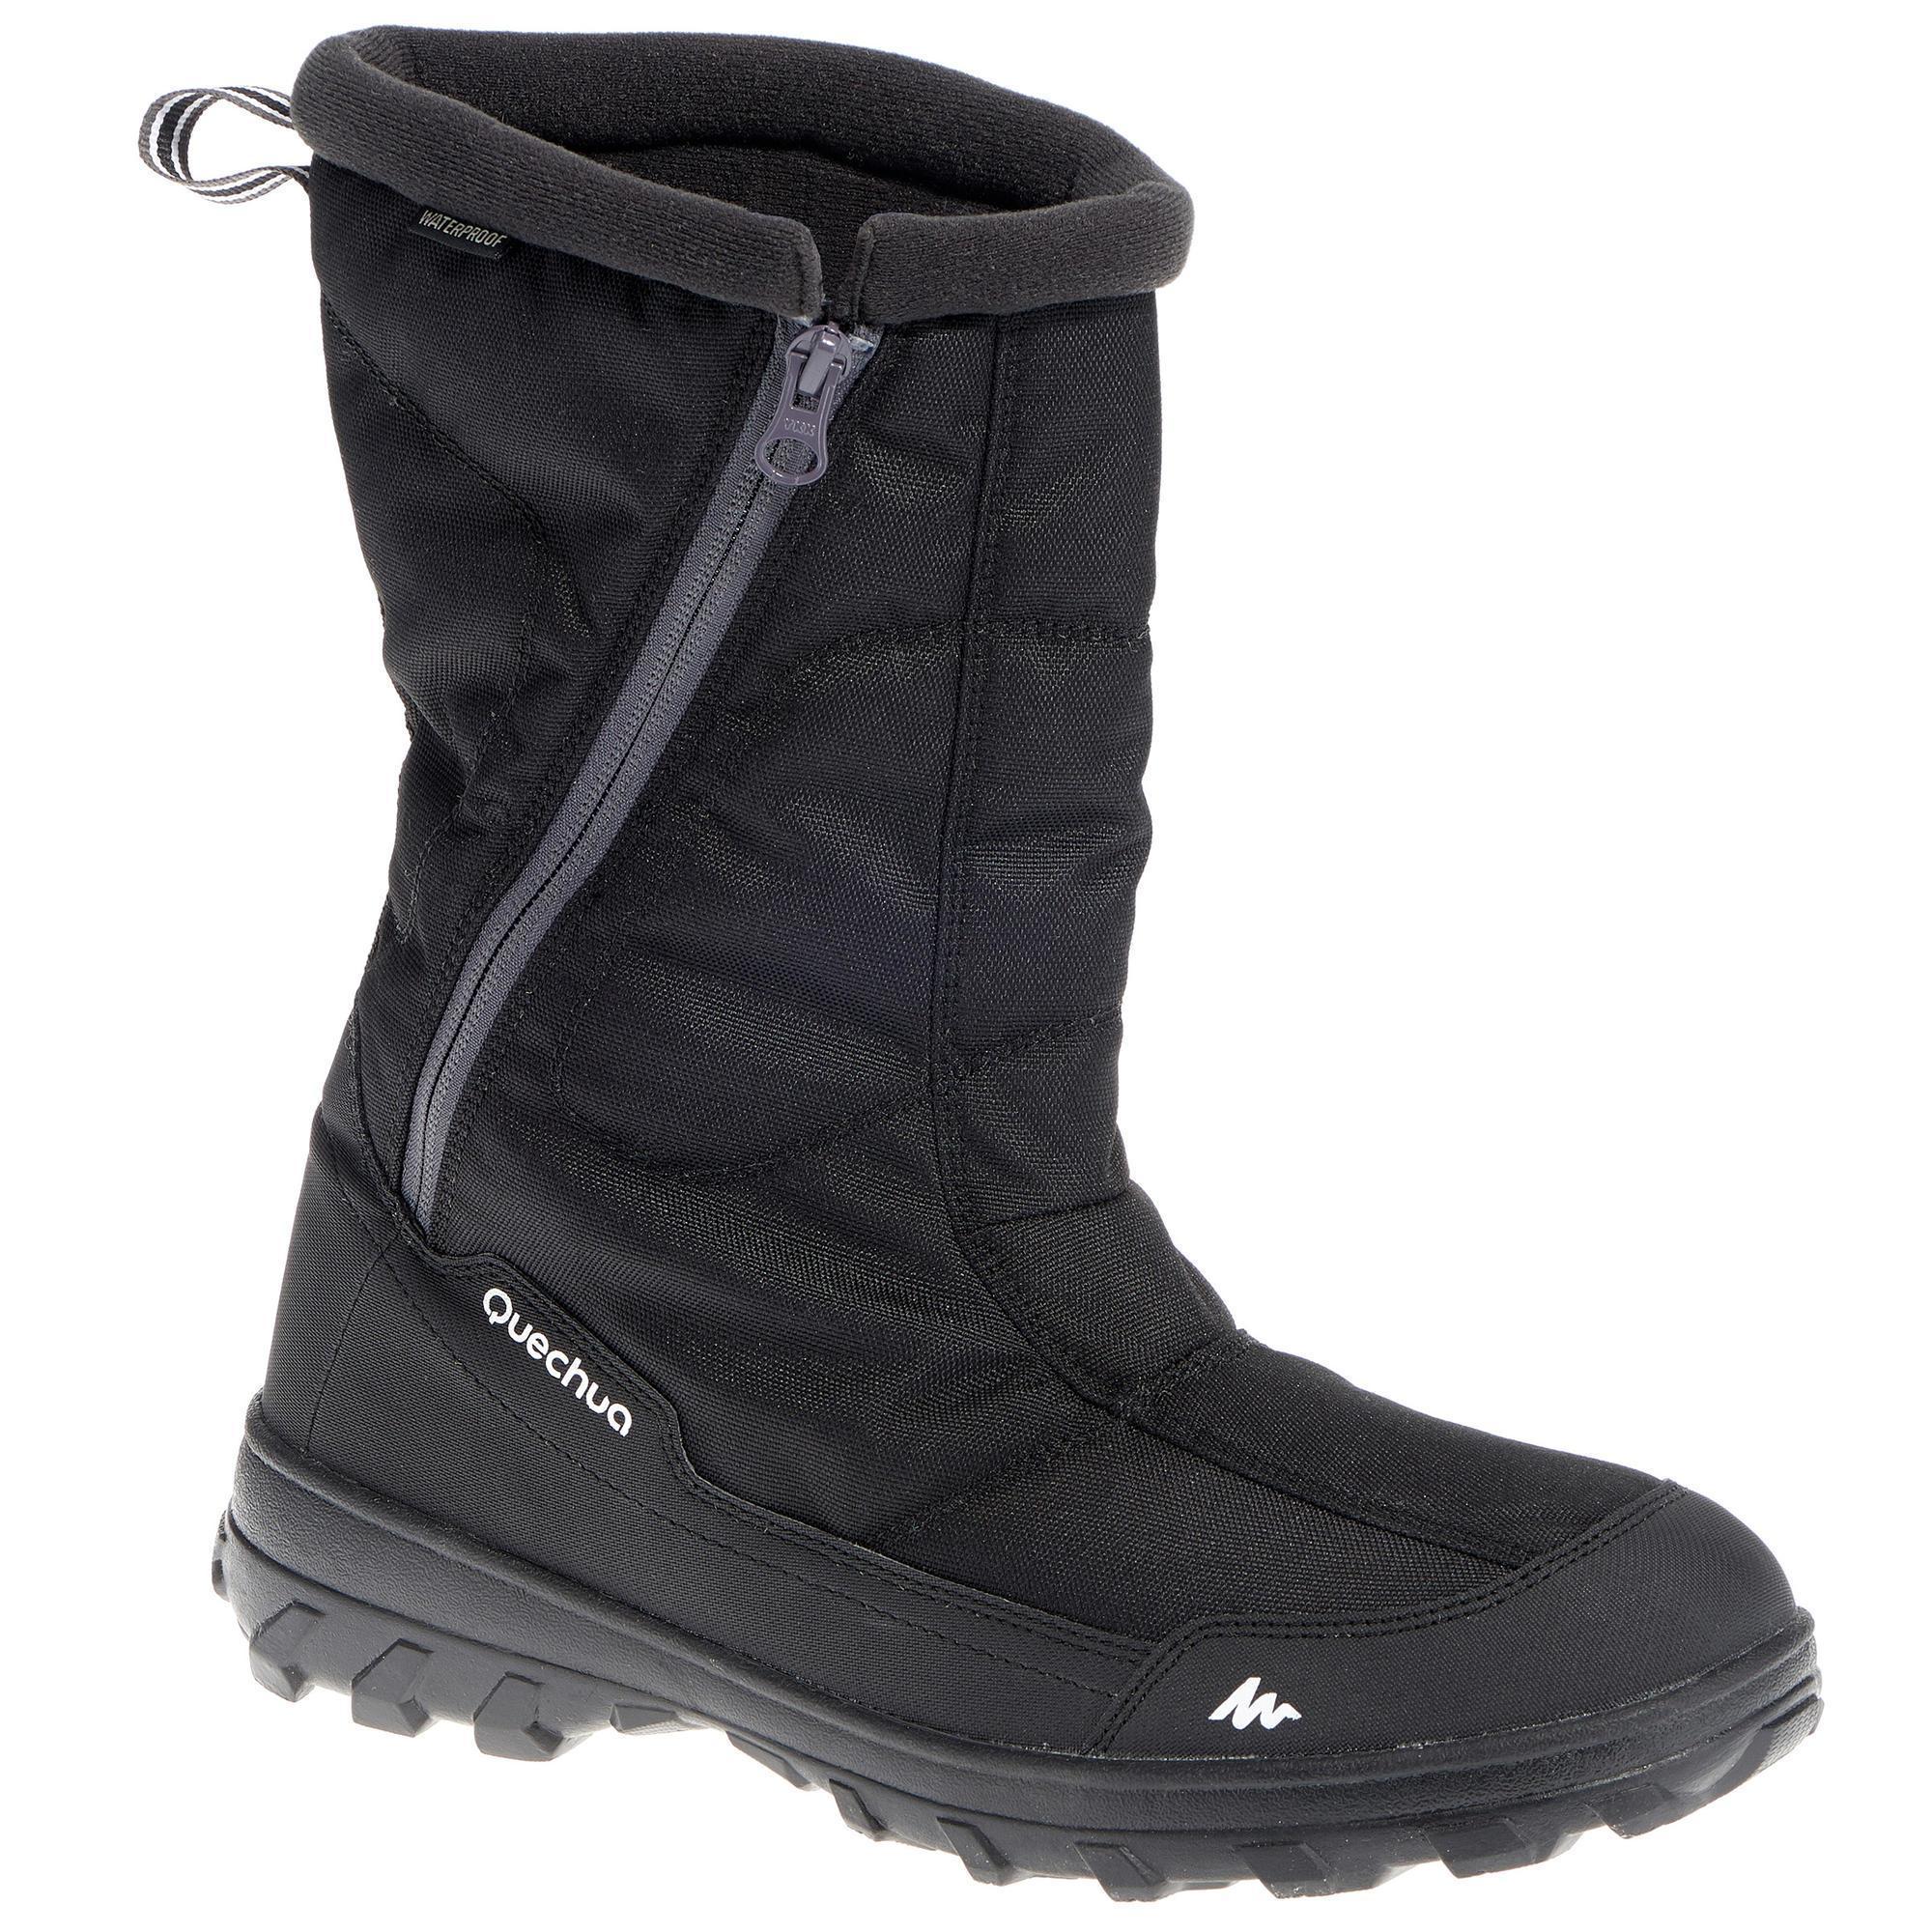 Chiruca Shoes Uk